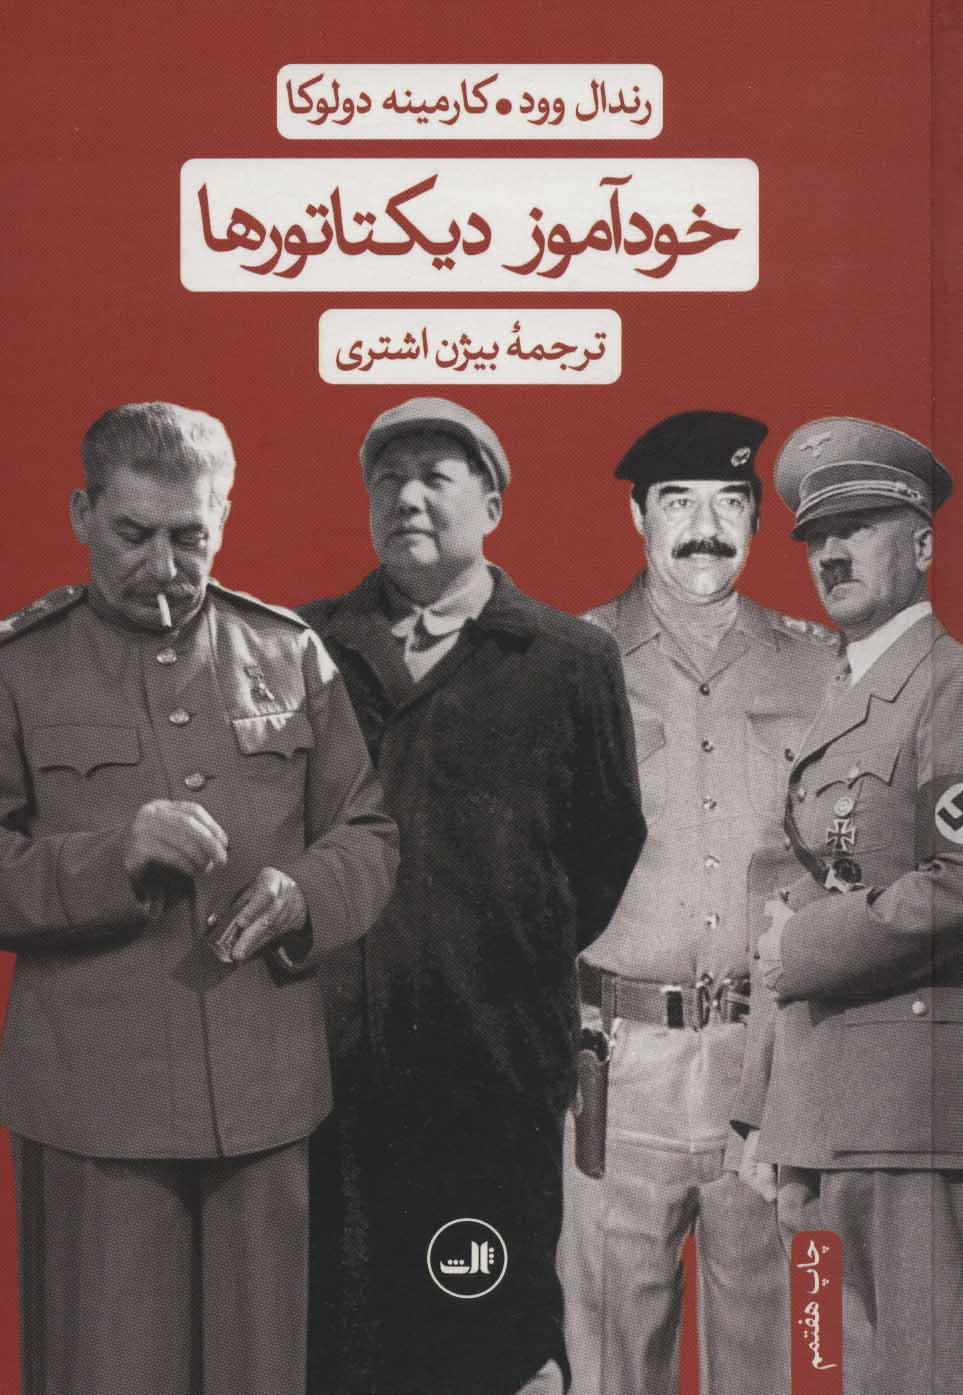 خودآموز دیکتاتورها